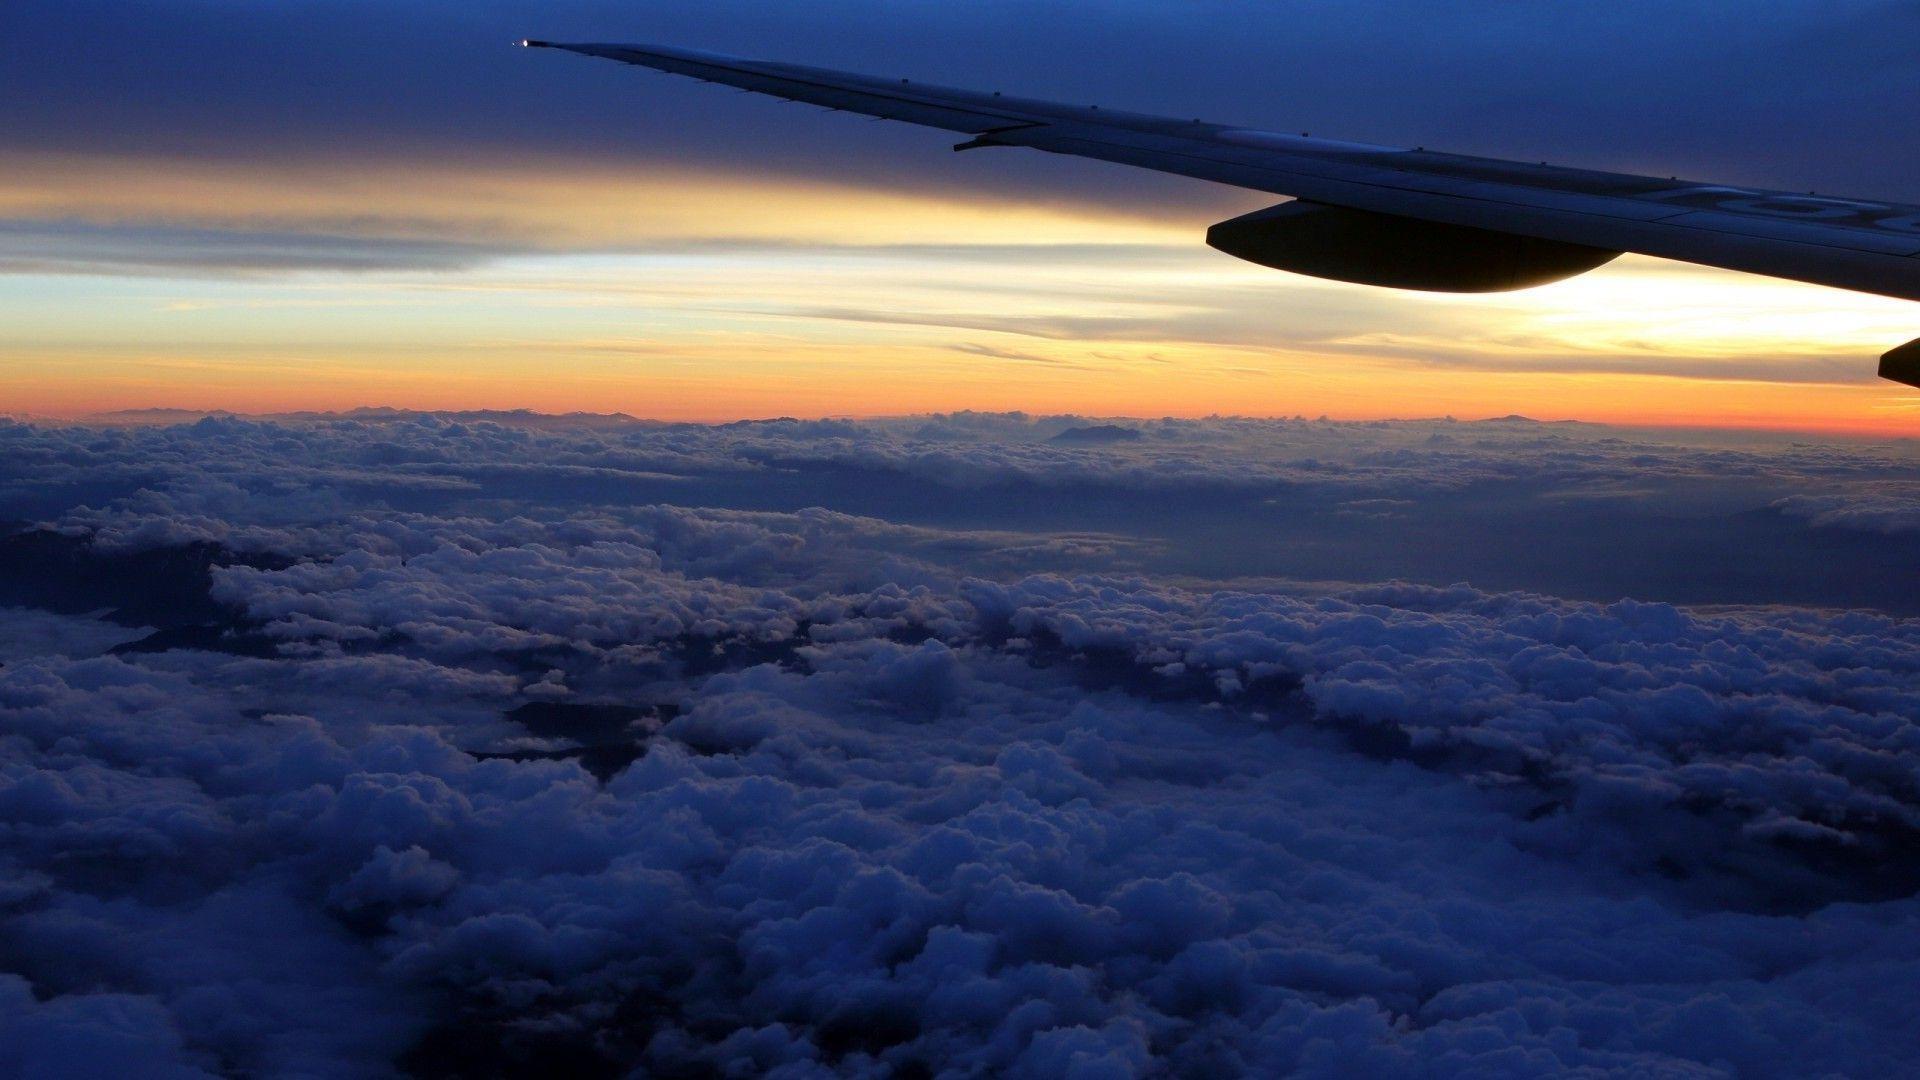 صور سماء 2014 رائعة , احدث صور سماء 2014 رائعة بجودة عالية